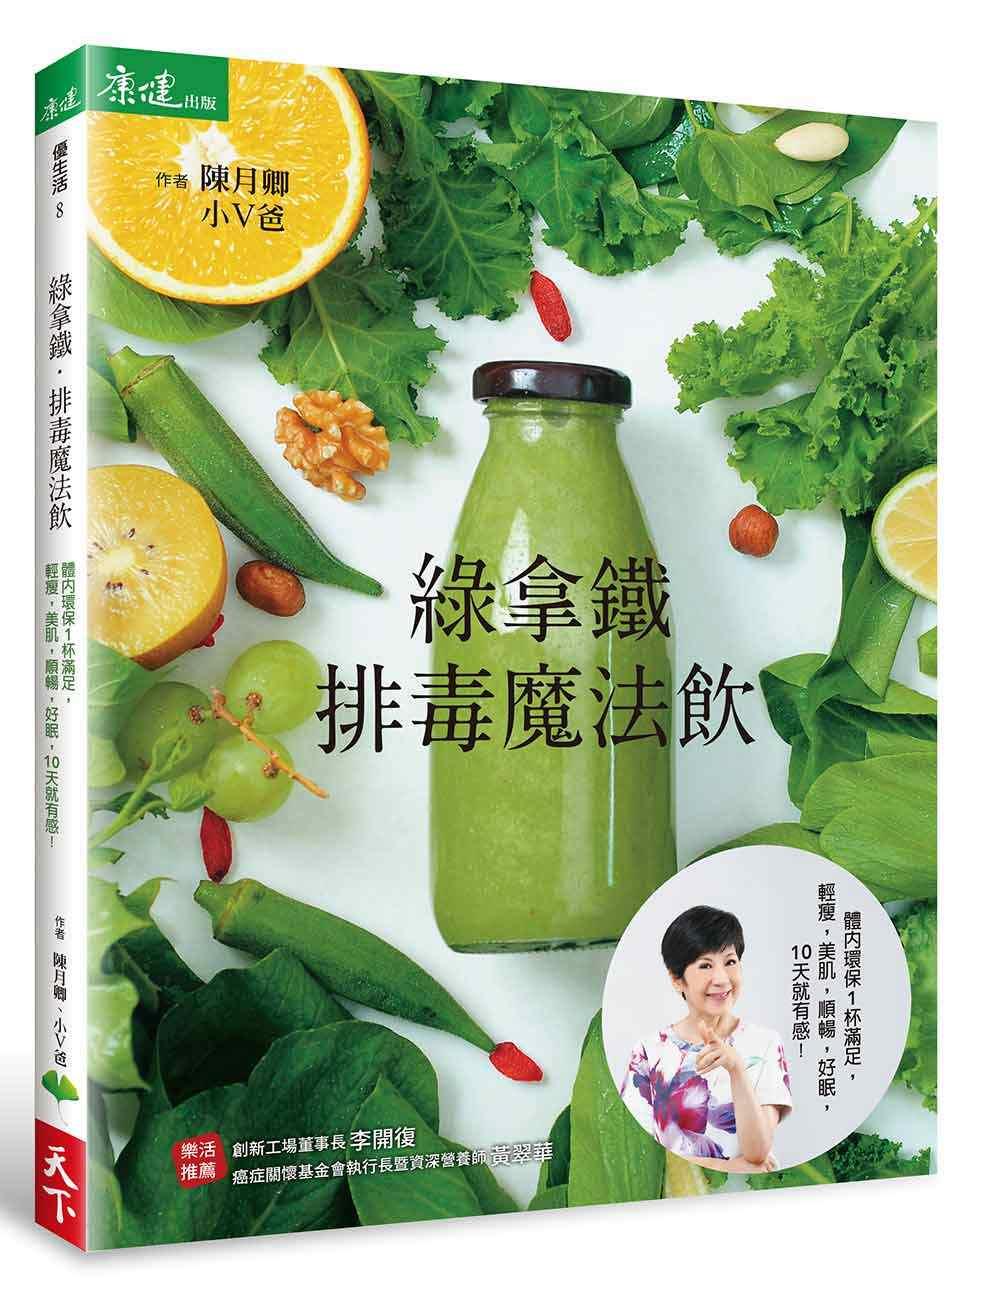 綠拿鐵‧排毒魔法飲:體內環保一杯滿足!輕瘦‧美肌‧順暢‧好眠,10天就有感!